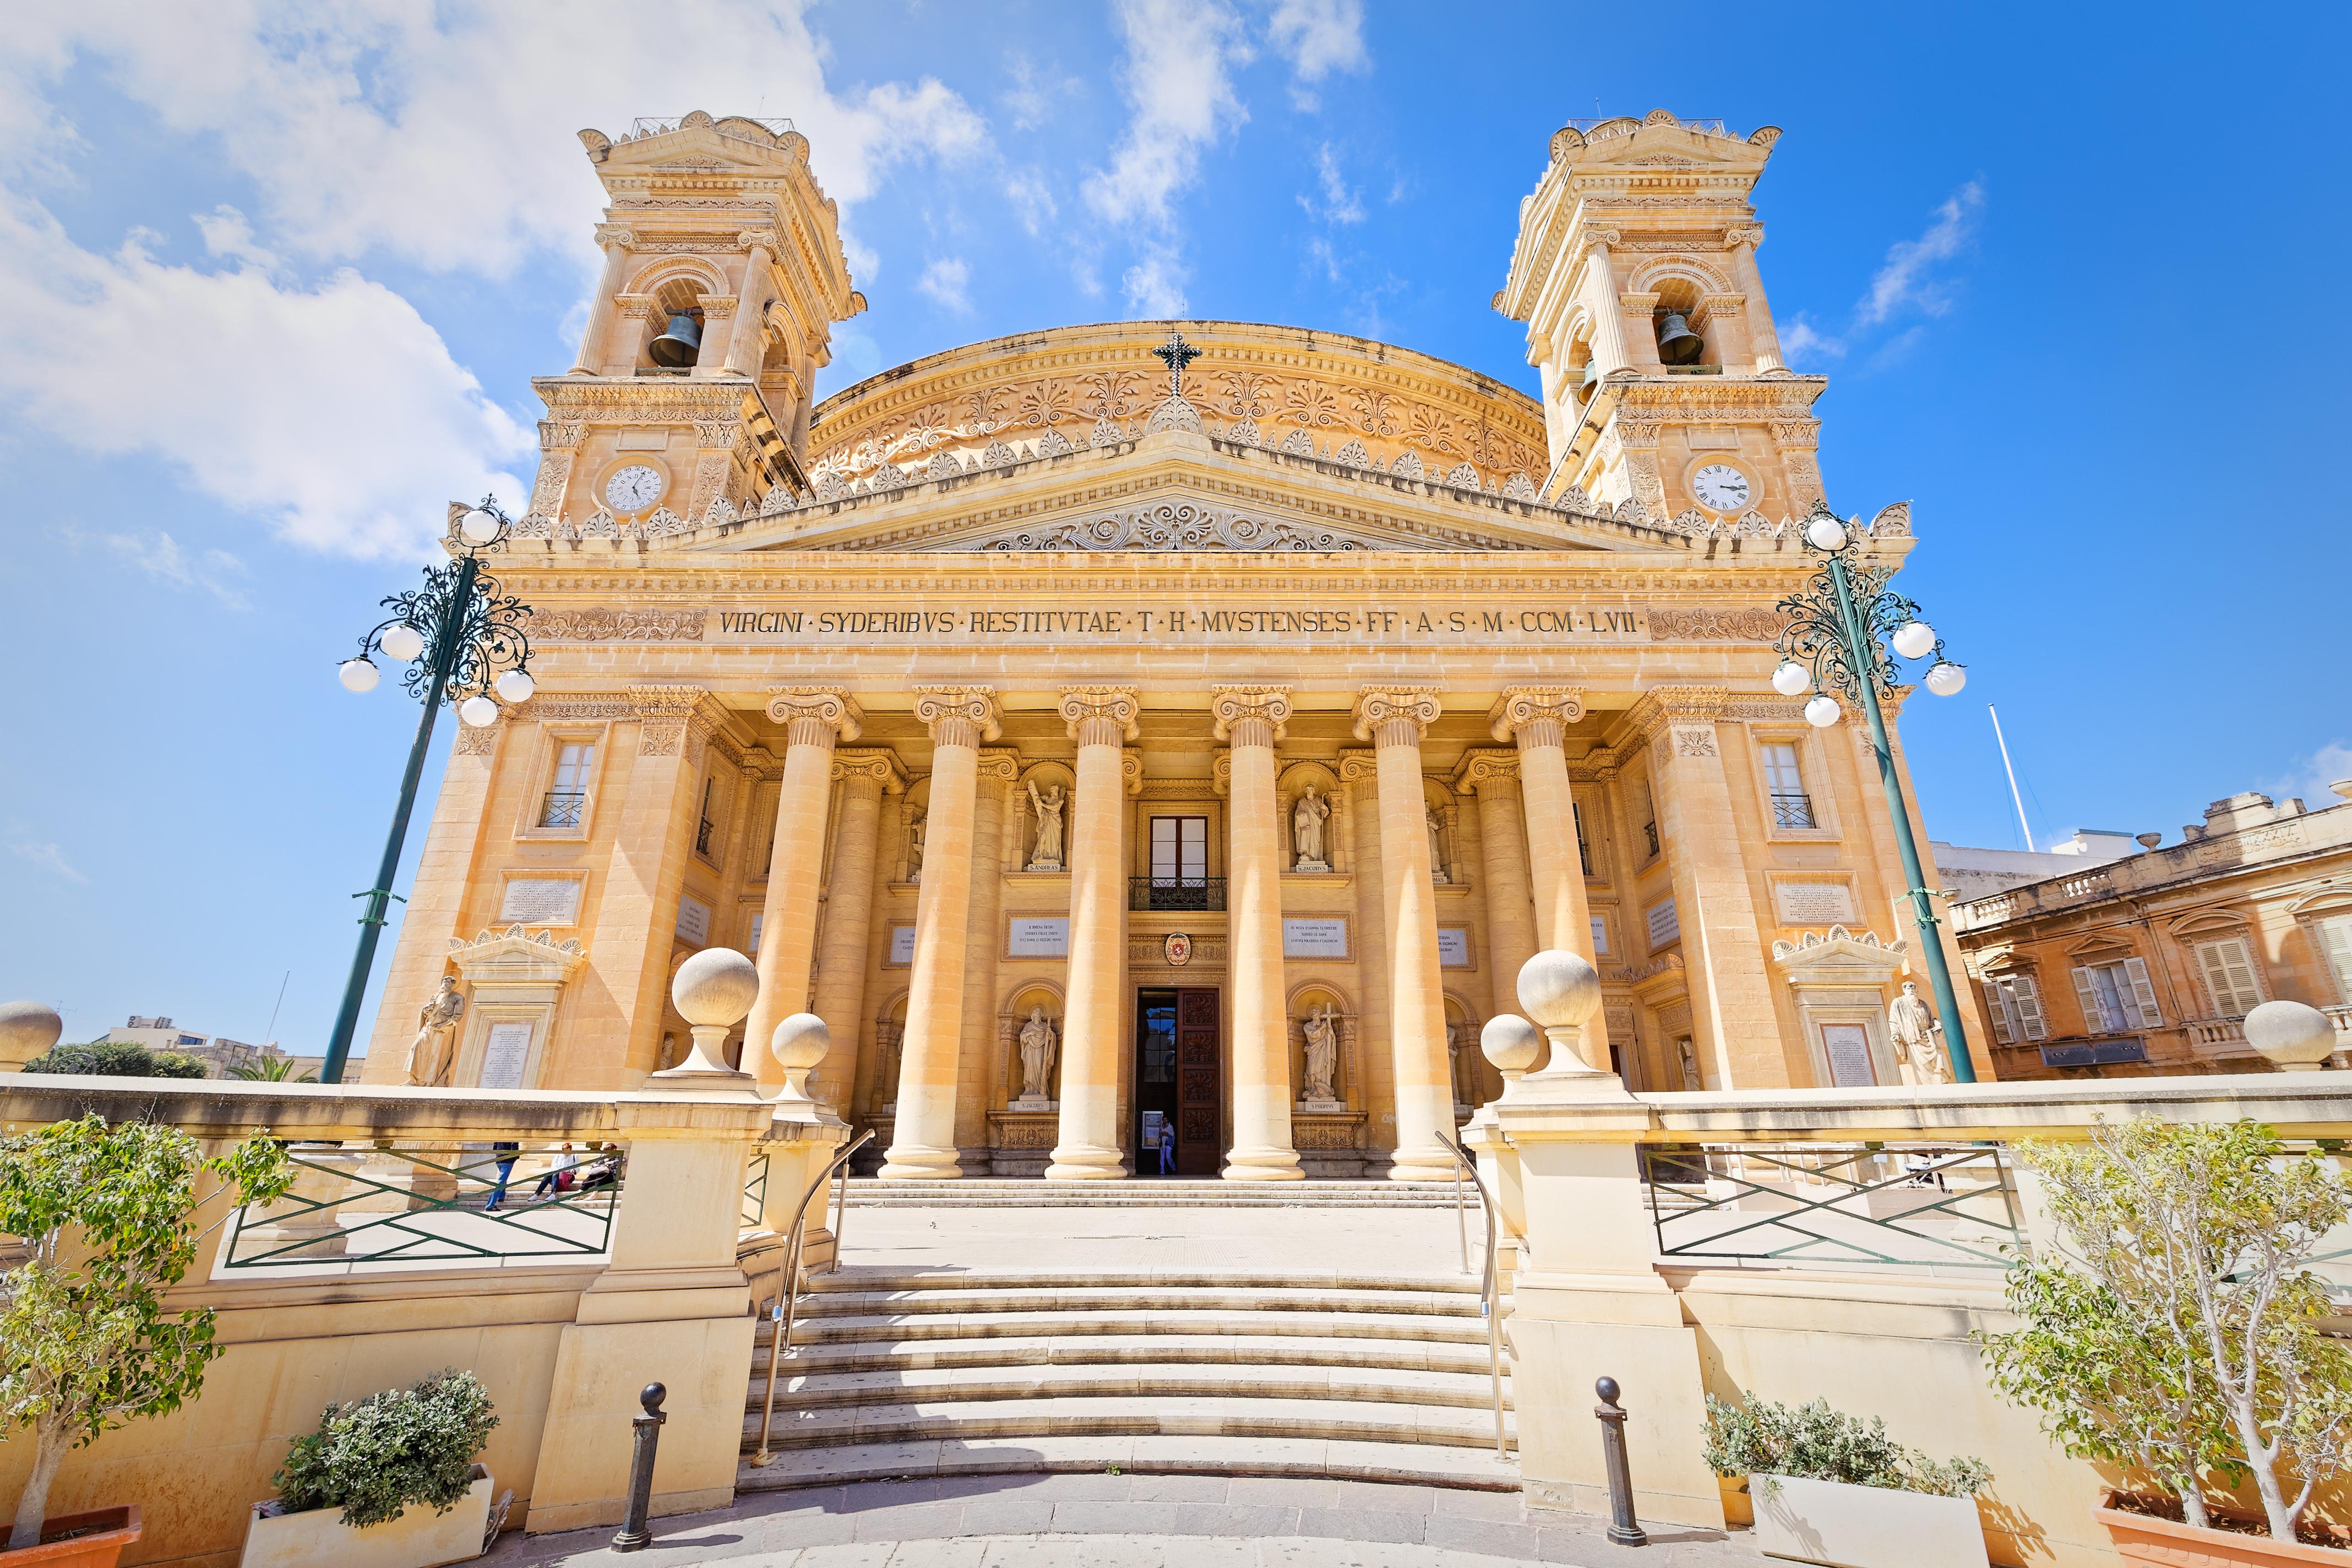 Las bombas que nunca explotaron en la iglesia de Mosta - Malta Circuito Maravillas de Malta